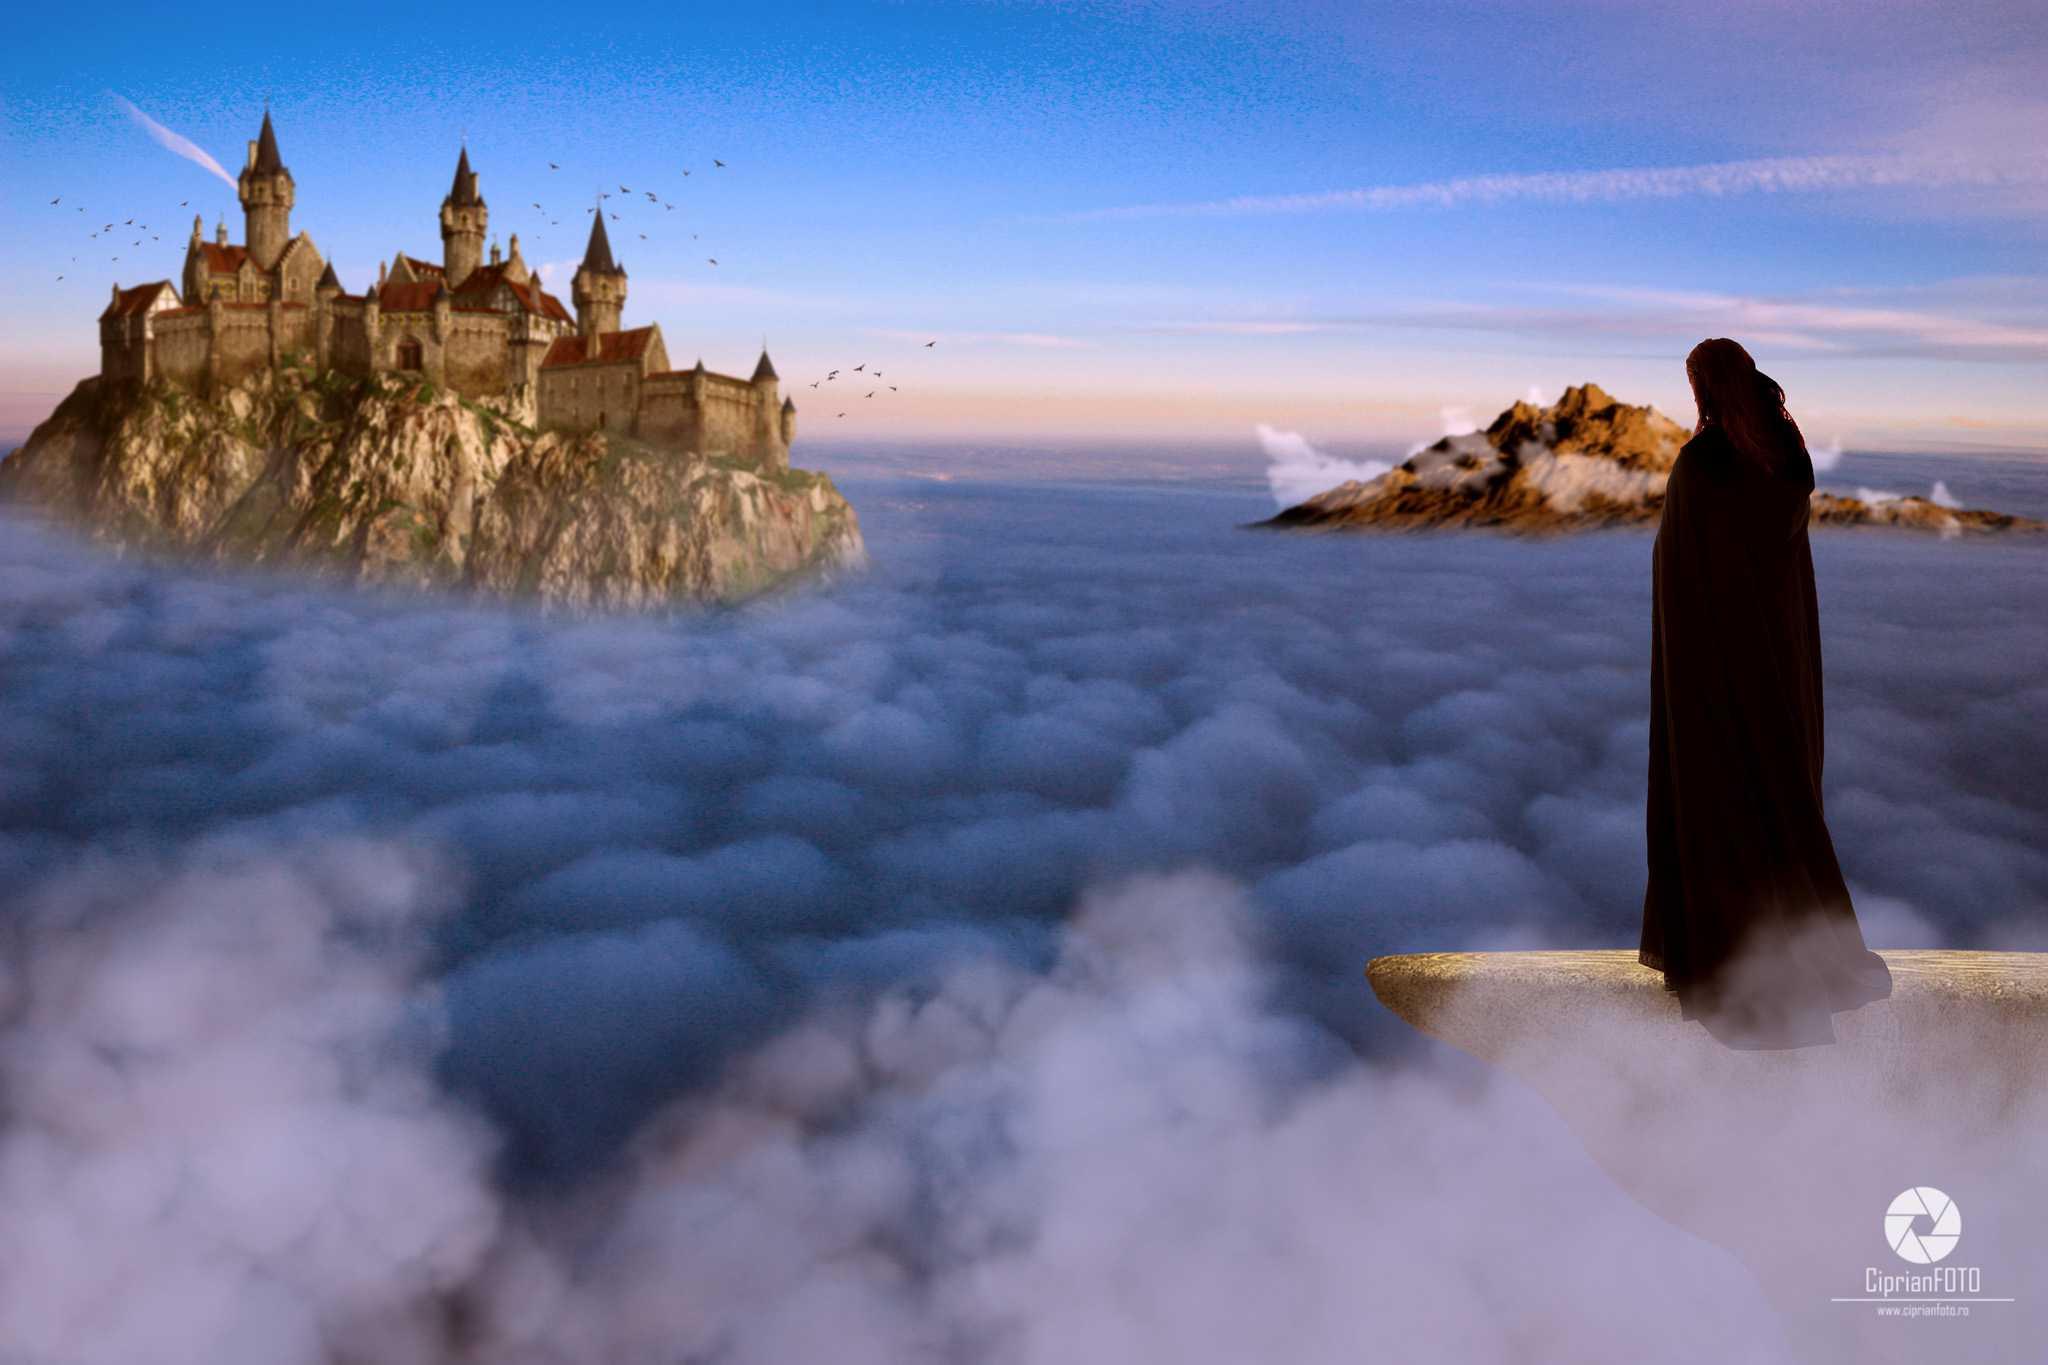 My_Castle_Photoshop_Manipulation_Tutorial_CiprianFOTO